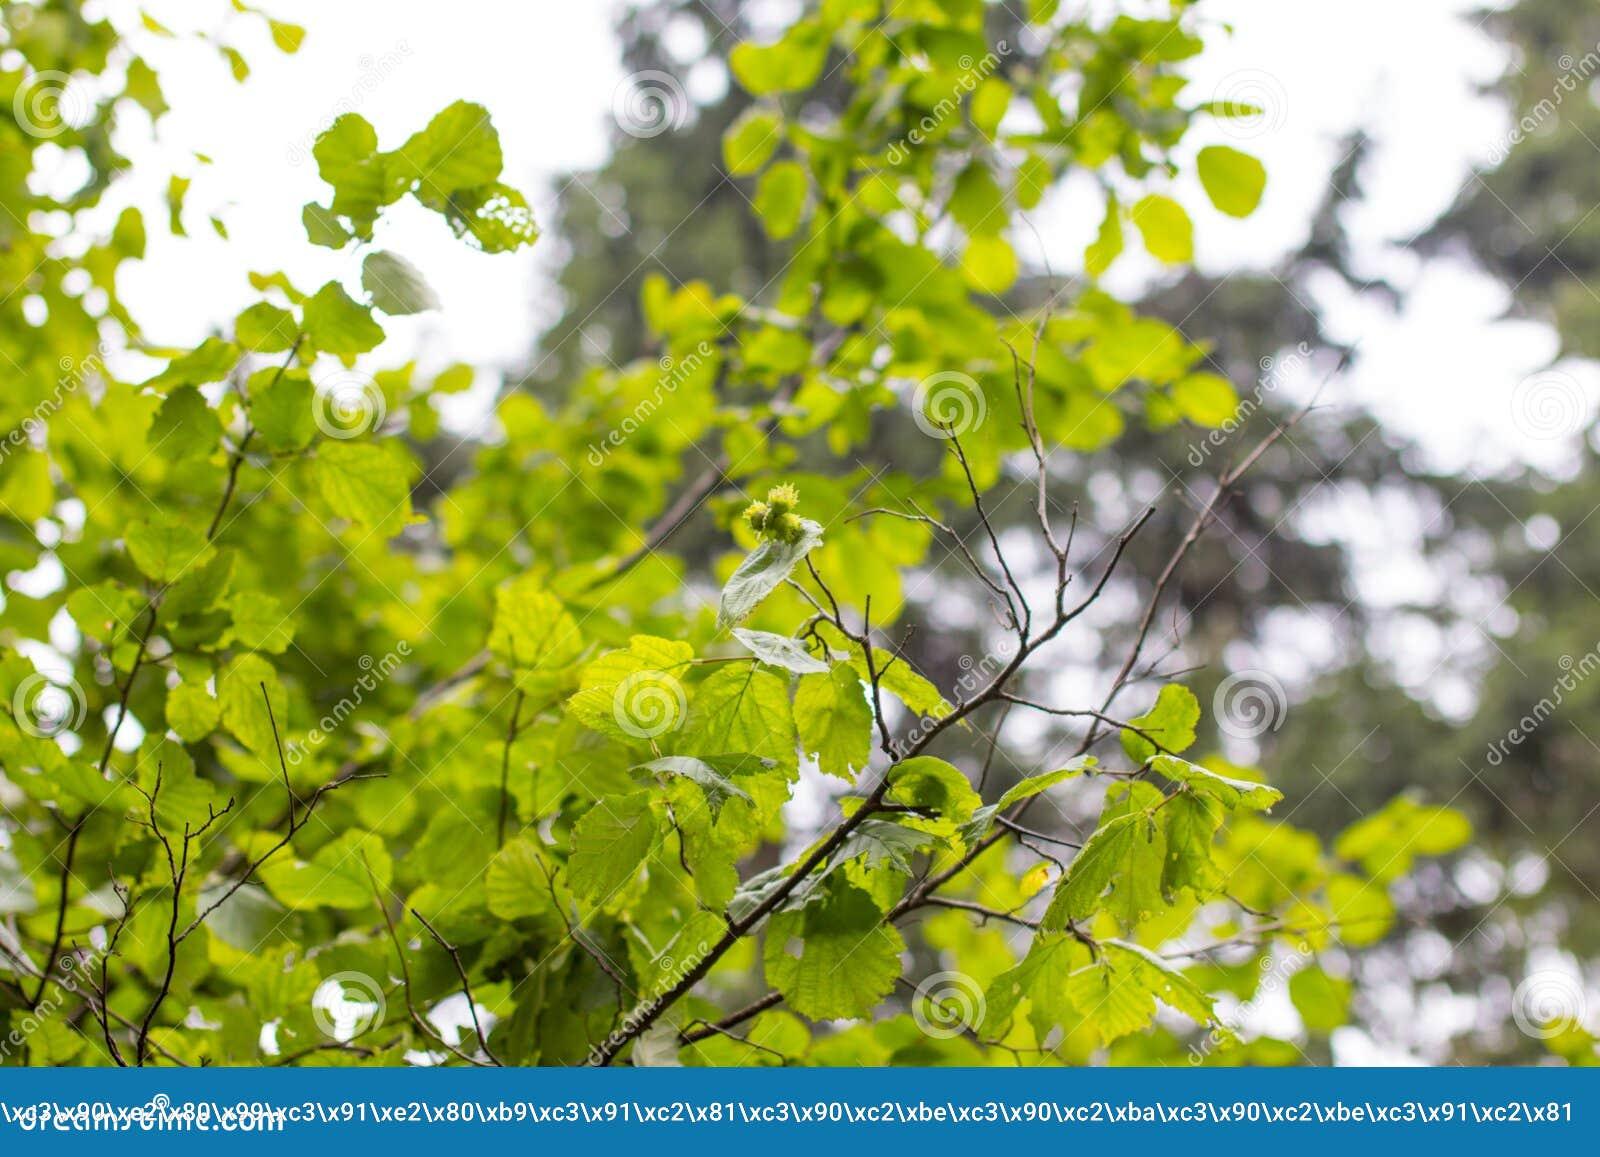 Ein junger Baum der Haselnuss